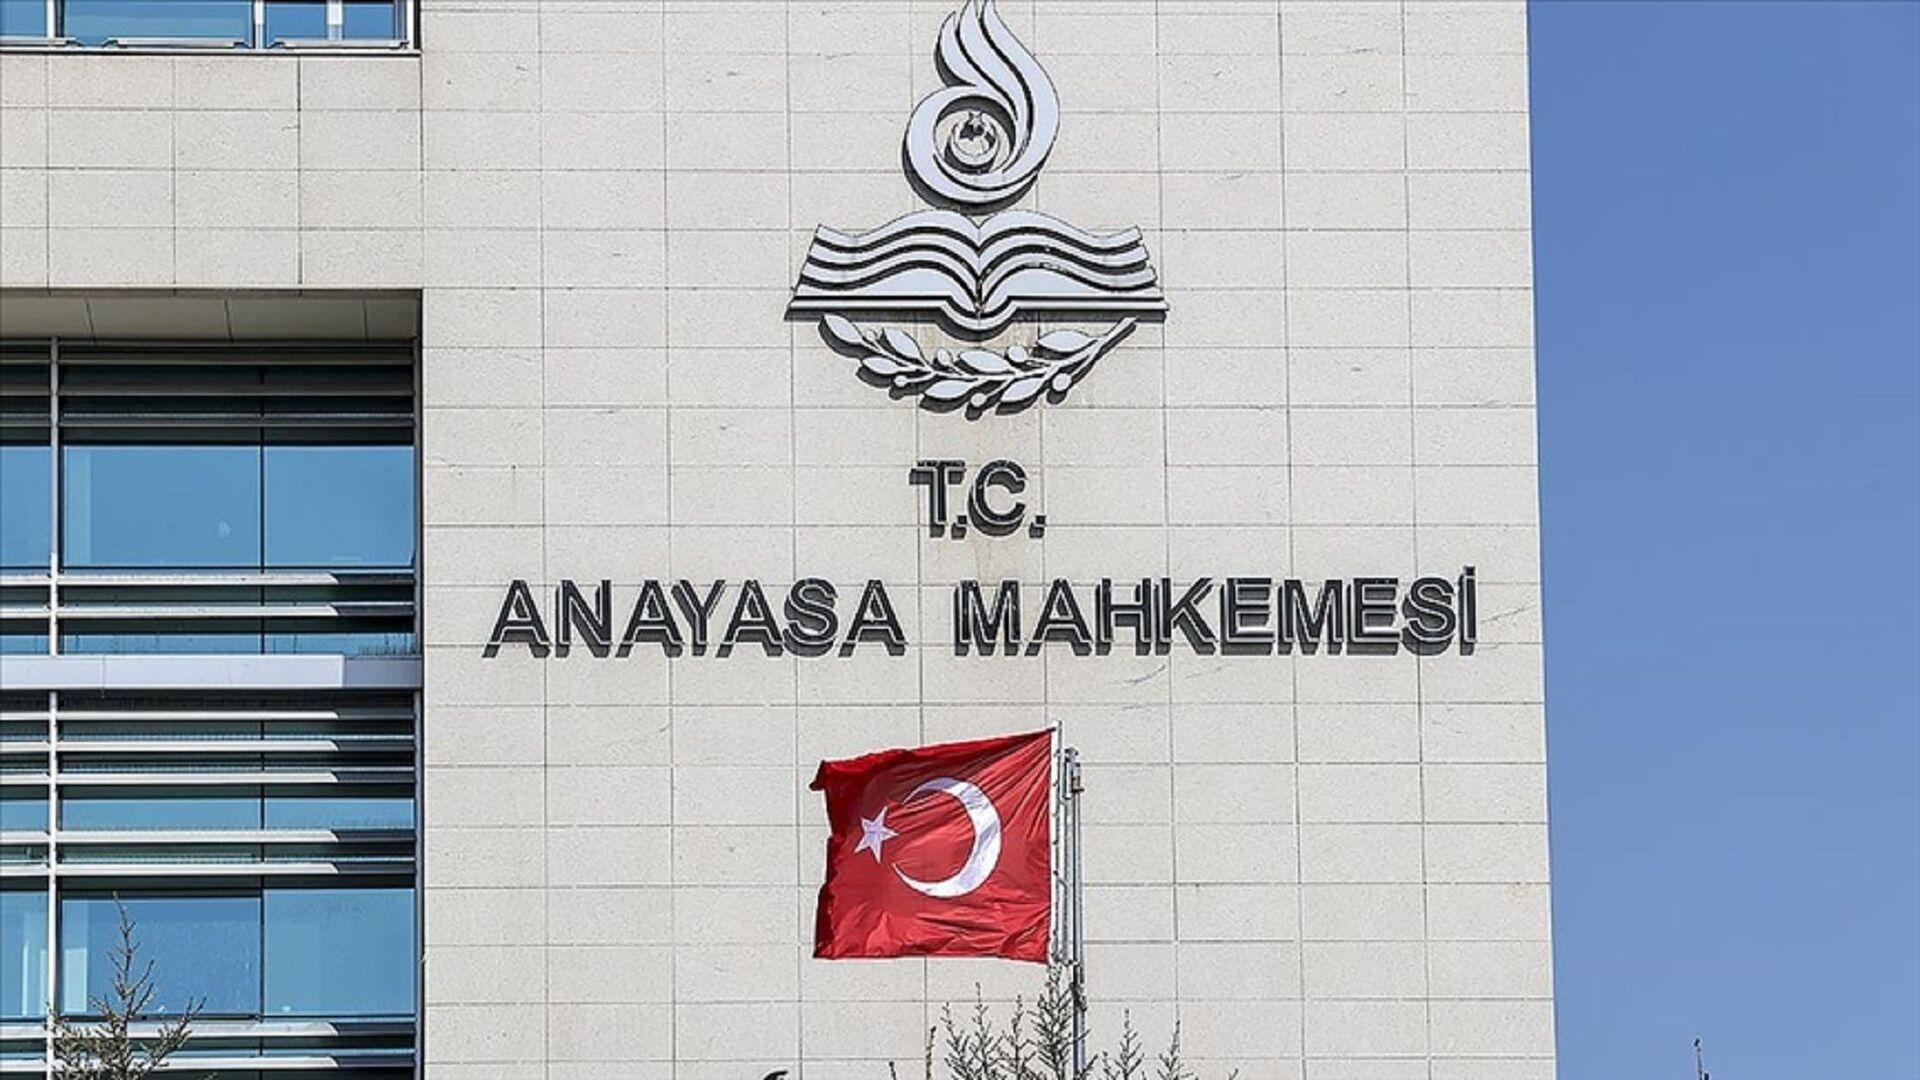 Anayasa Mahkemesi - Sputnik Türkiye, 1920, 10.05.2021